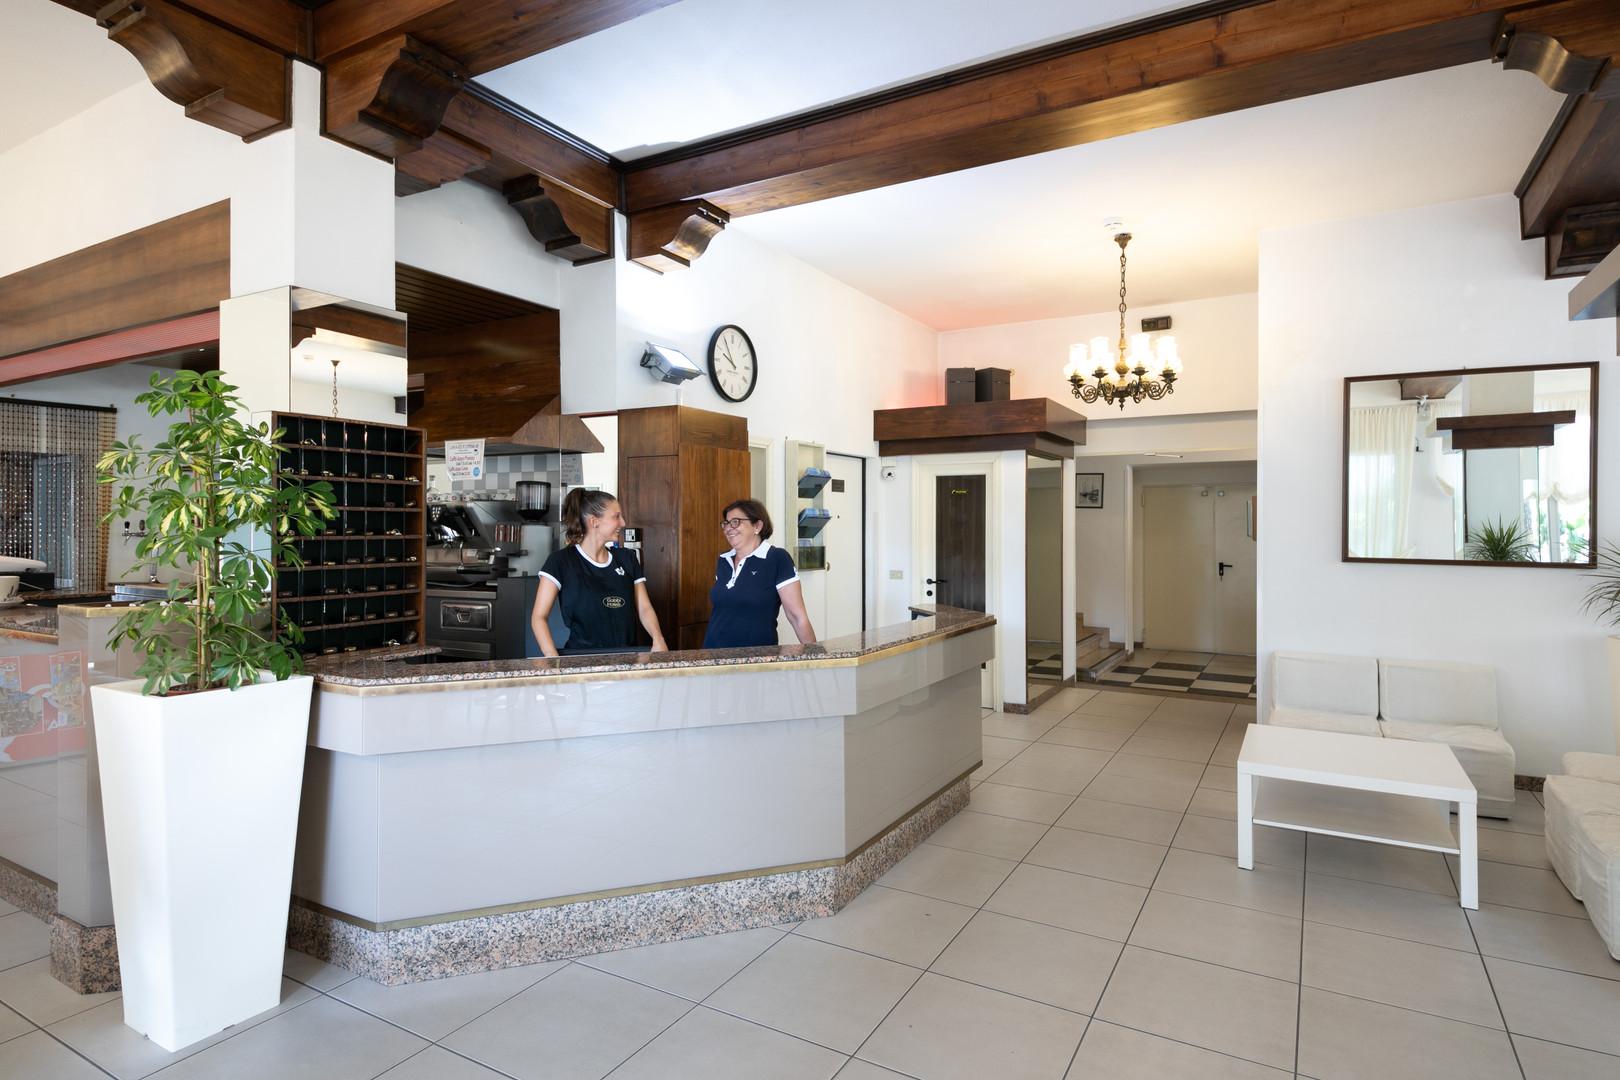 HOTEL FRANCESCA GIORGIO GRANDE 2019 _24.